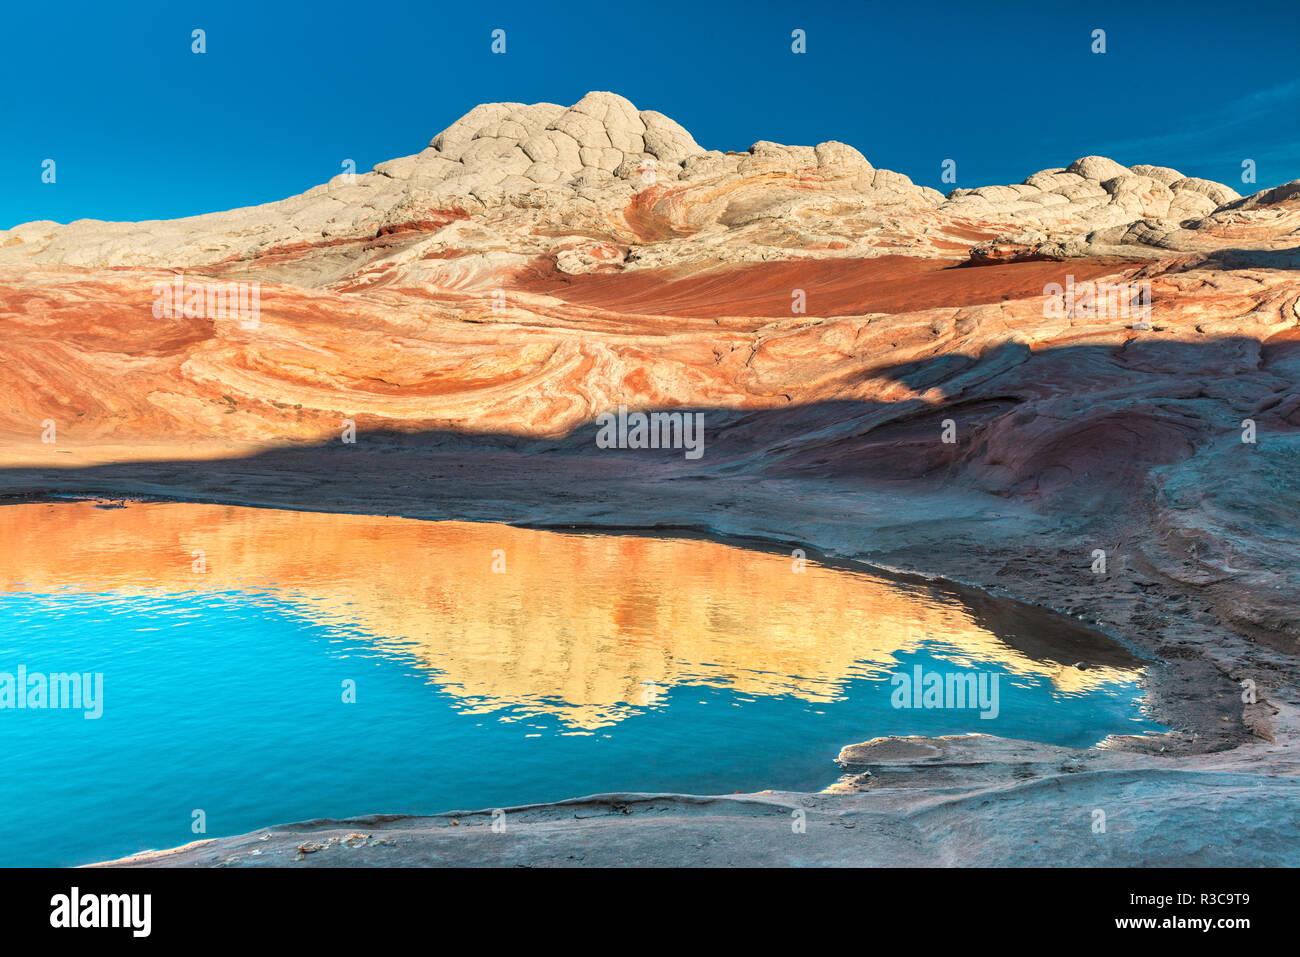 Pool Reflexion und Sandstein Landschaft, Vermillion Cliffs, weißen Taschen Wüste, Büro des Land-Managements, Arizona Stockbild